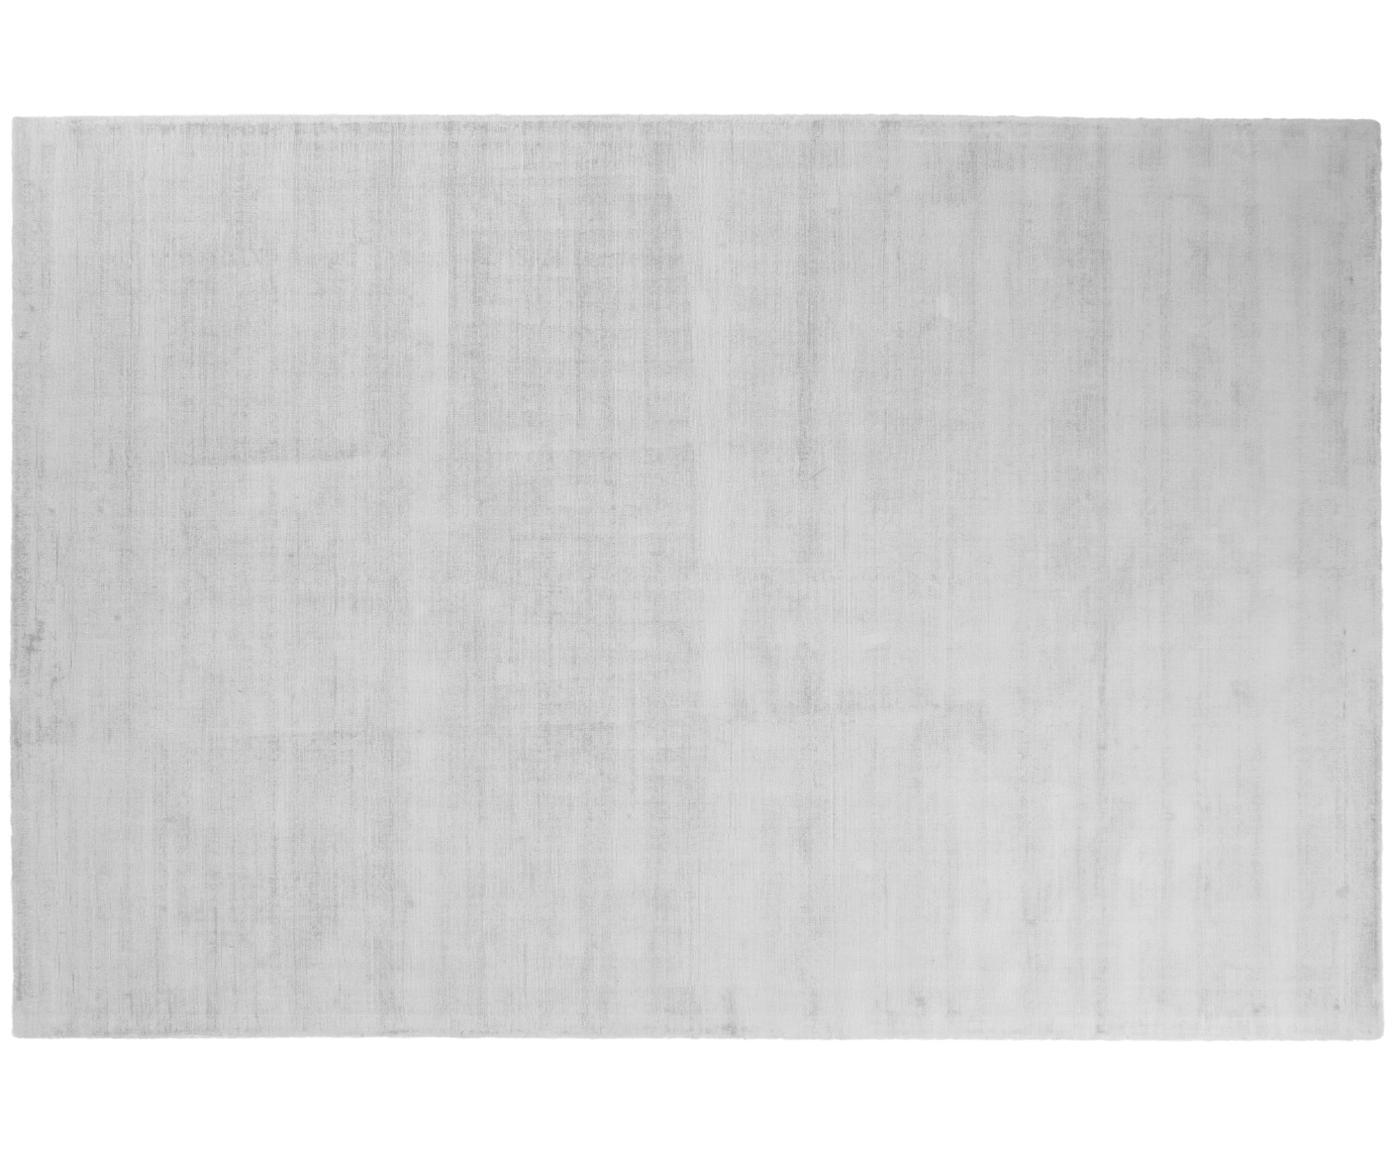 Handgeweven viscose vloerkleed Jane, Bovenzijde: 100% viscose, Onderzijde: 100% katoen, Zilvergrijs, B 200 x L 300 cm (maat L)